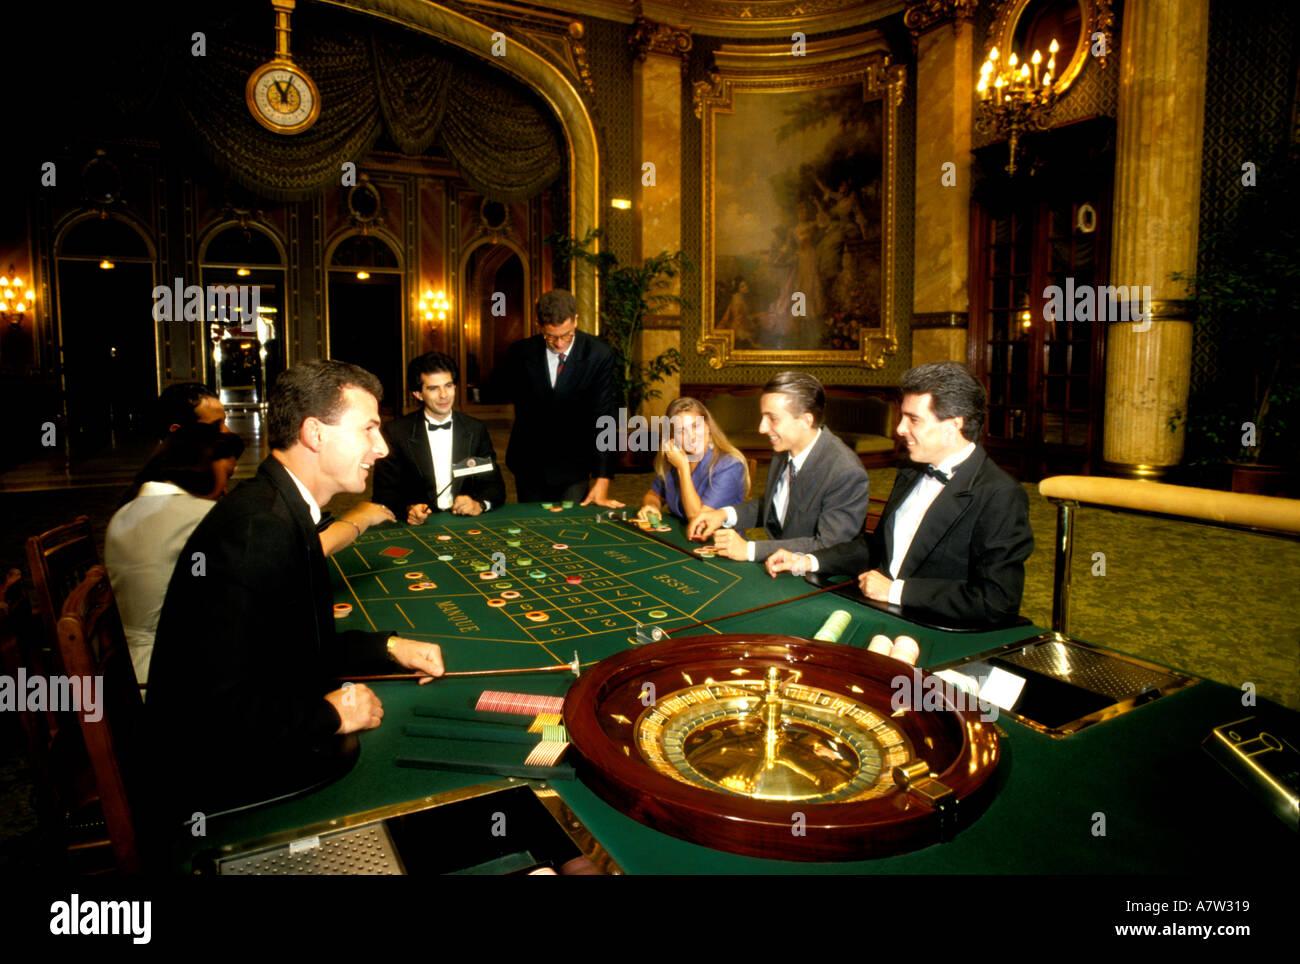 Monte Carlo Roulette 61130